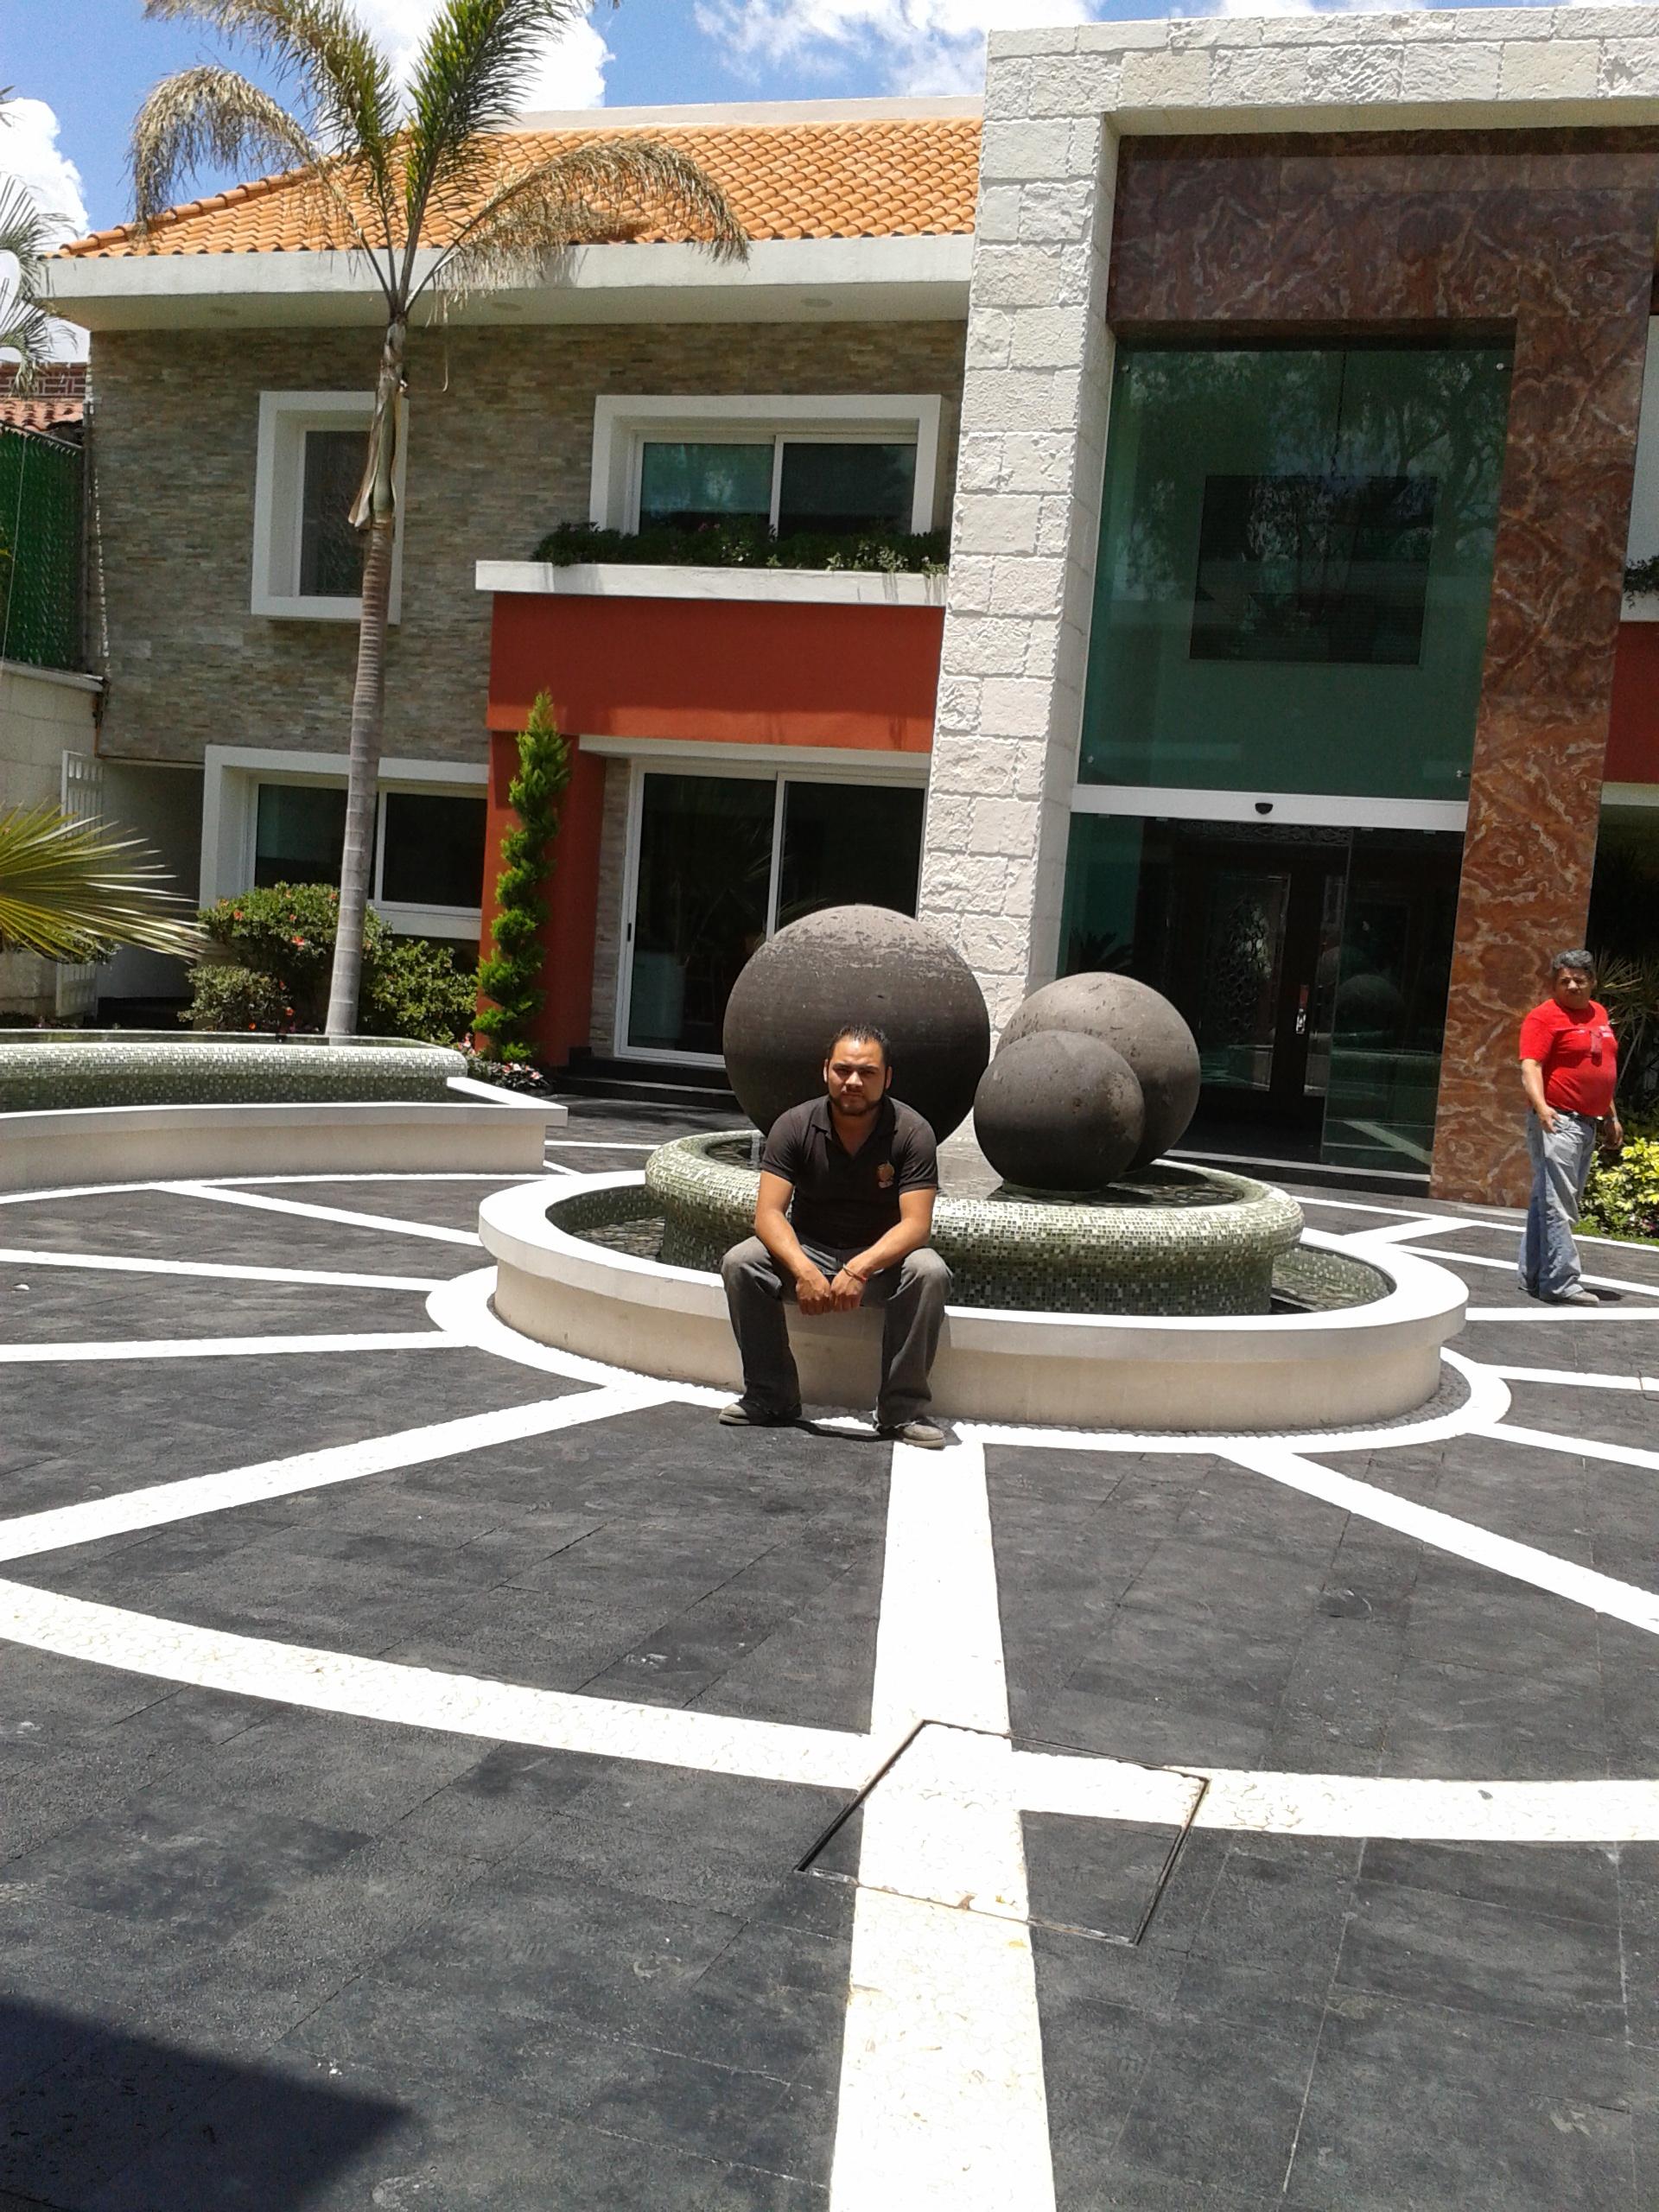 Jose Juan Morales